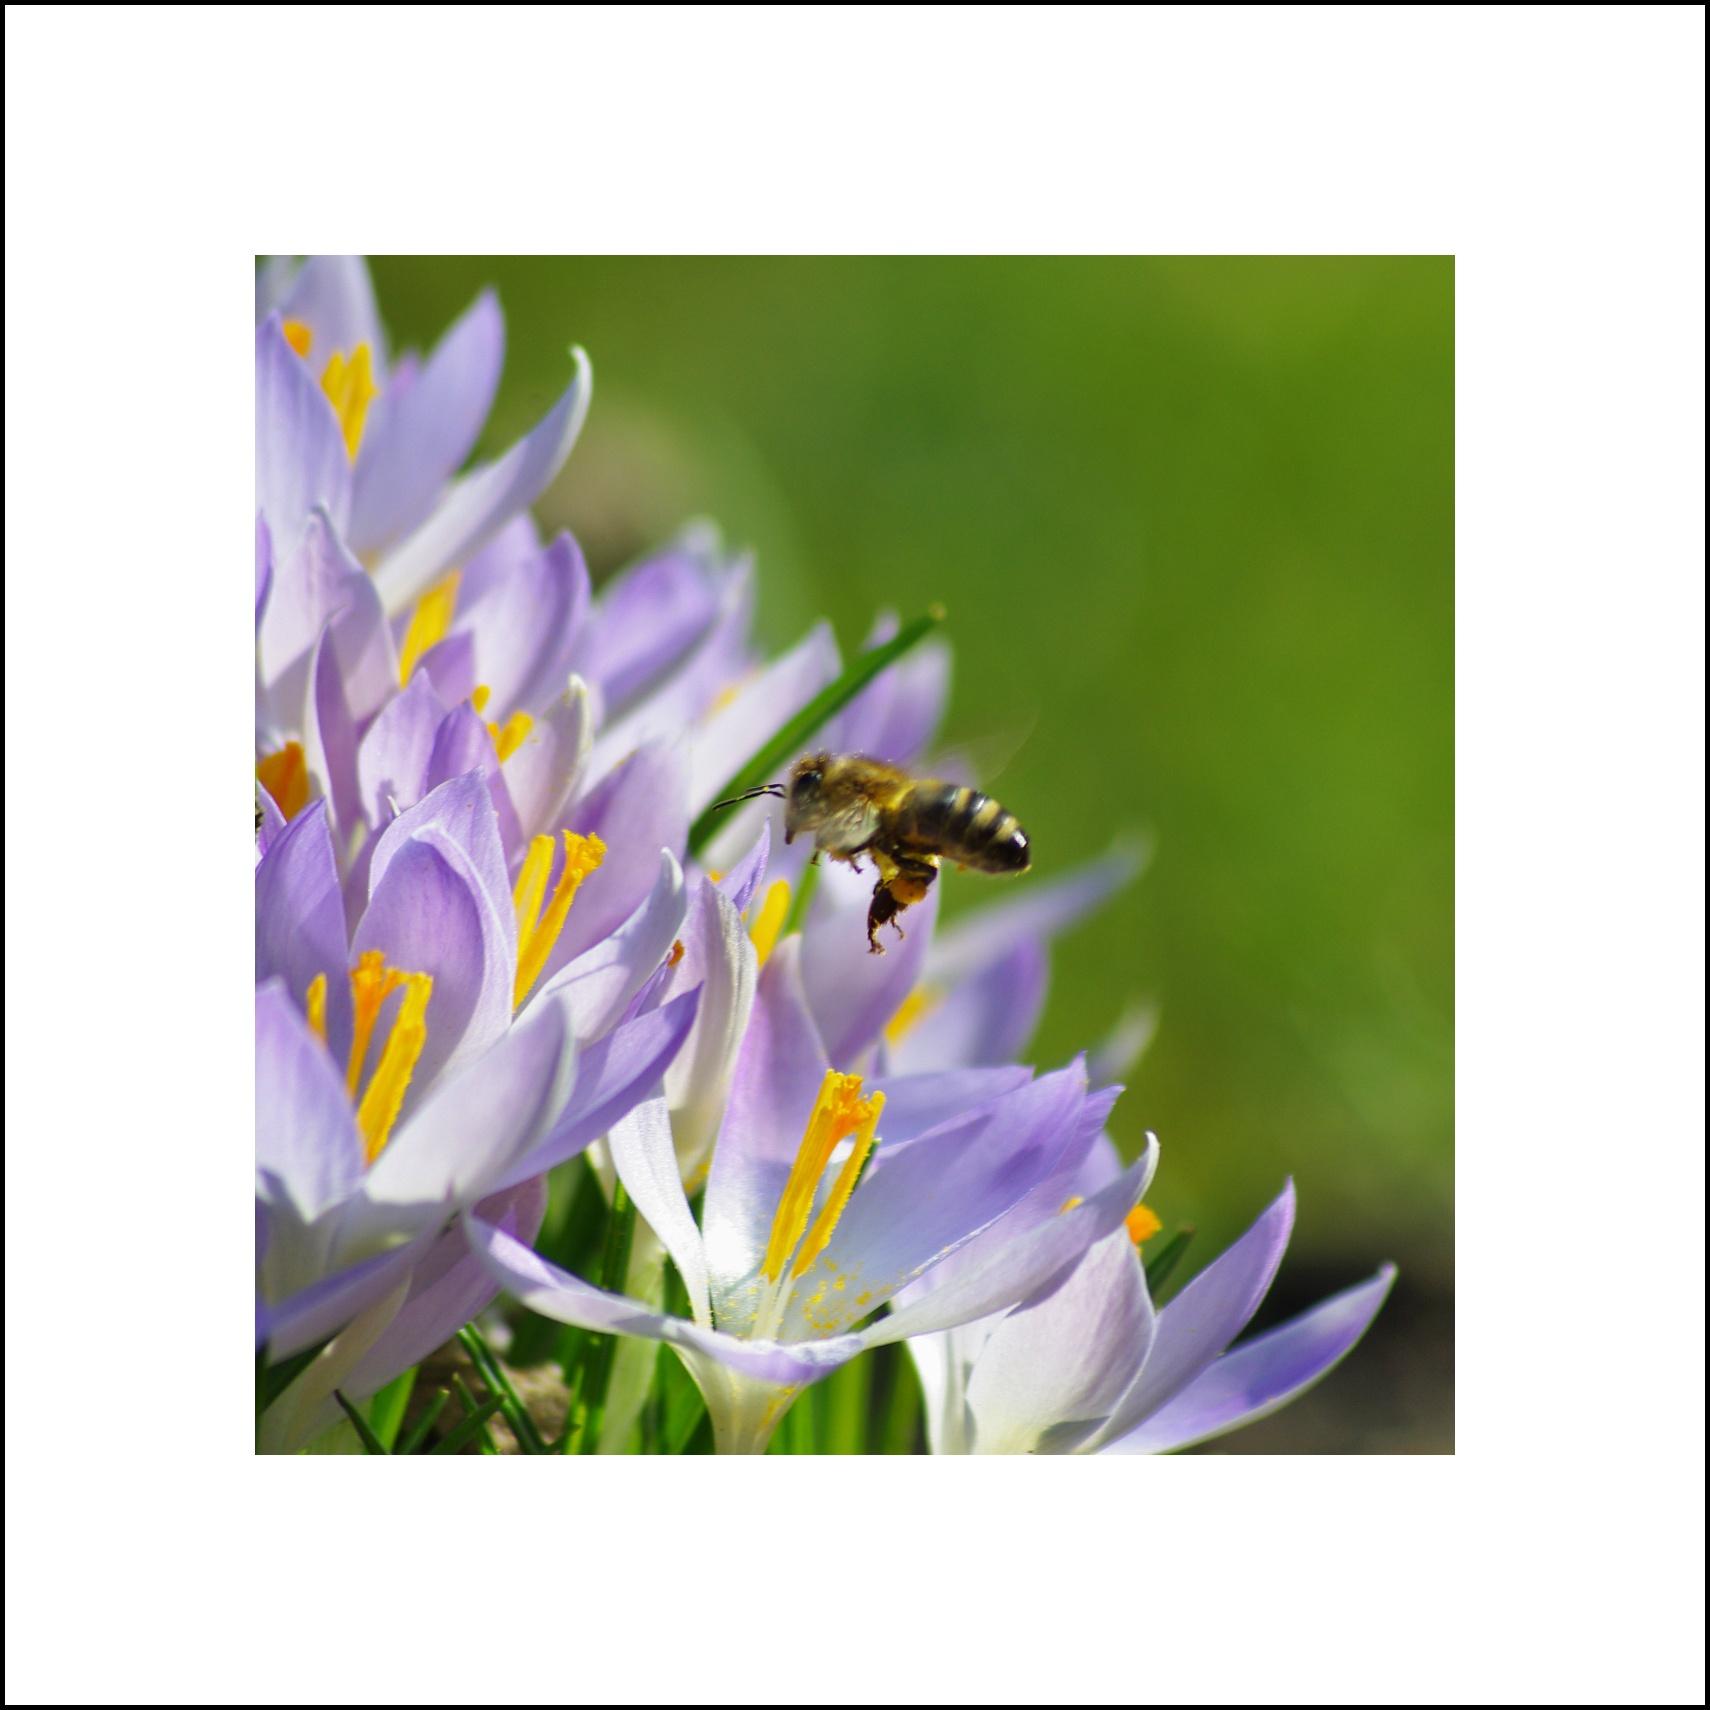 10. Krokusy a včela